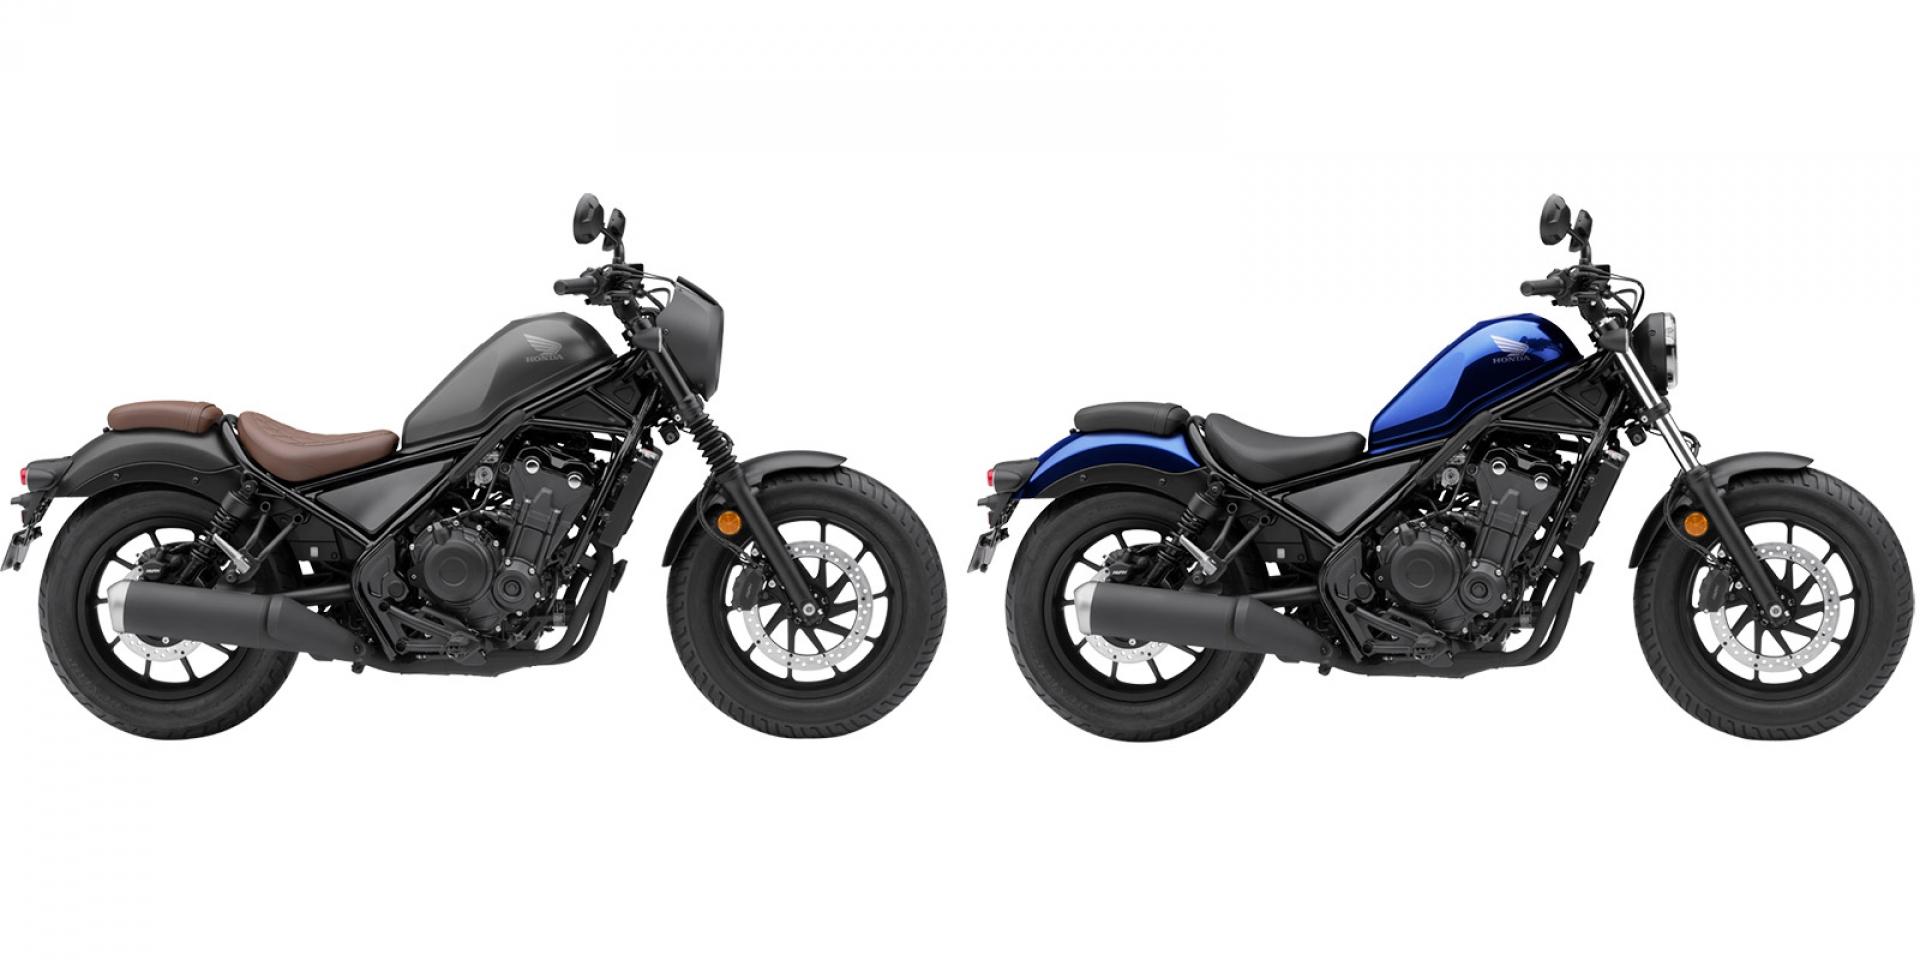 官方新聞稿。2021 Honda Rebel500 / Rebel500 S 風格與品味 更上層樓